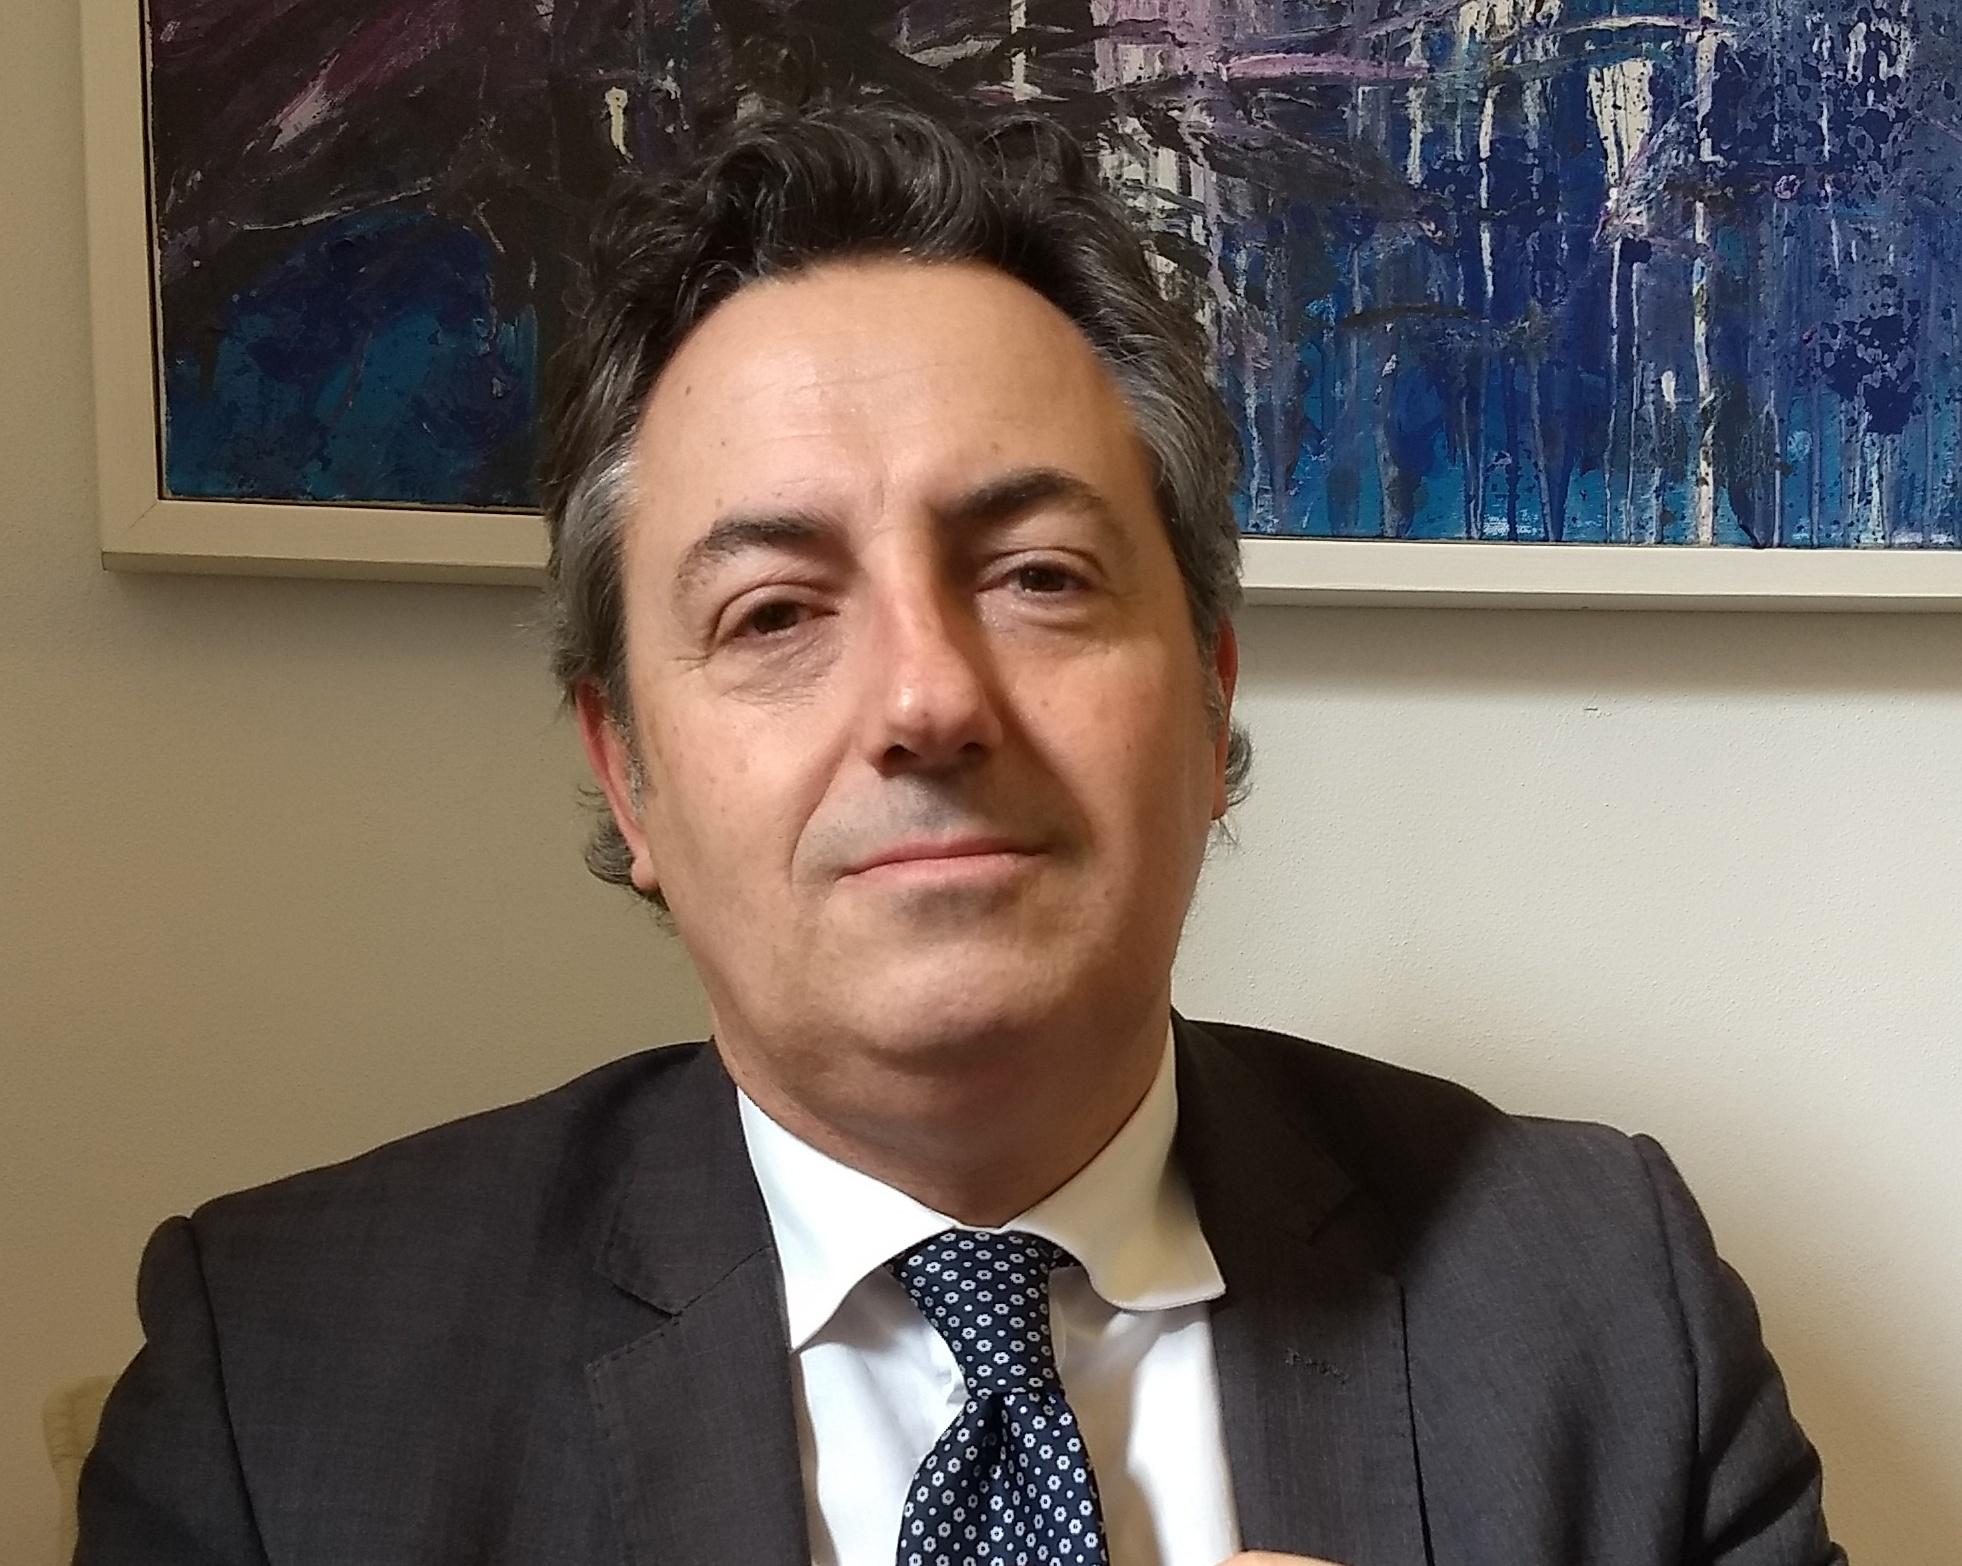 Massimiliano Miconi